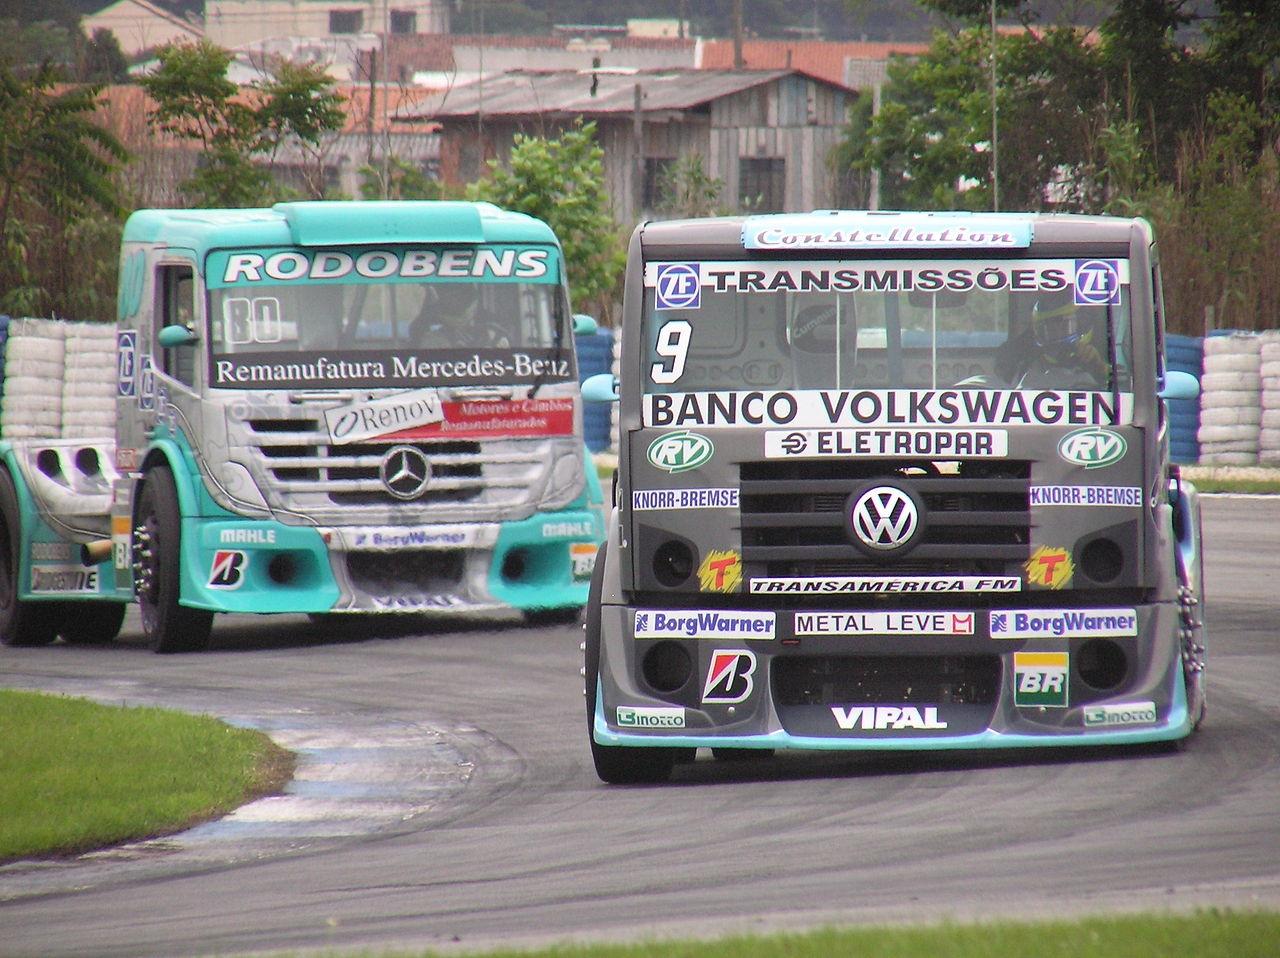 Vehículos de Volkswagen y Daimler durante una prueba del mundial de camiones.